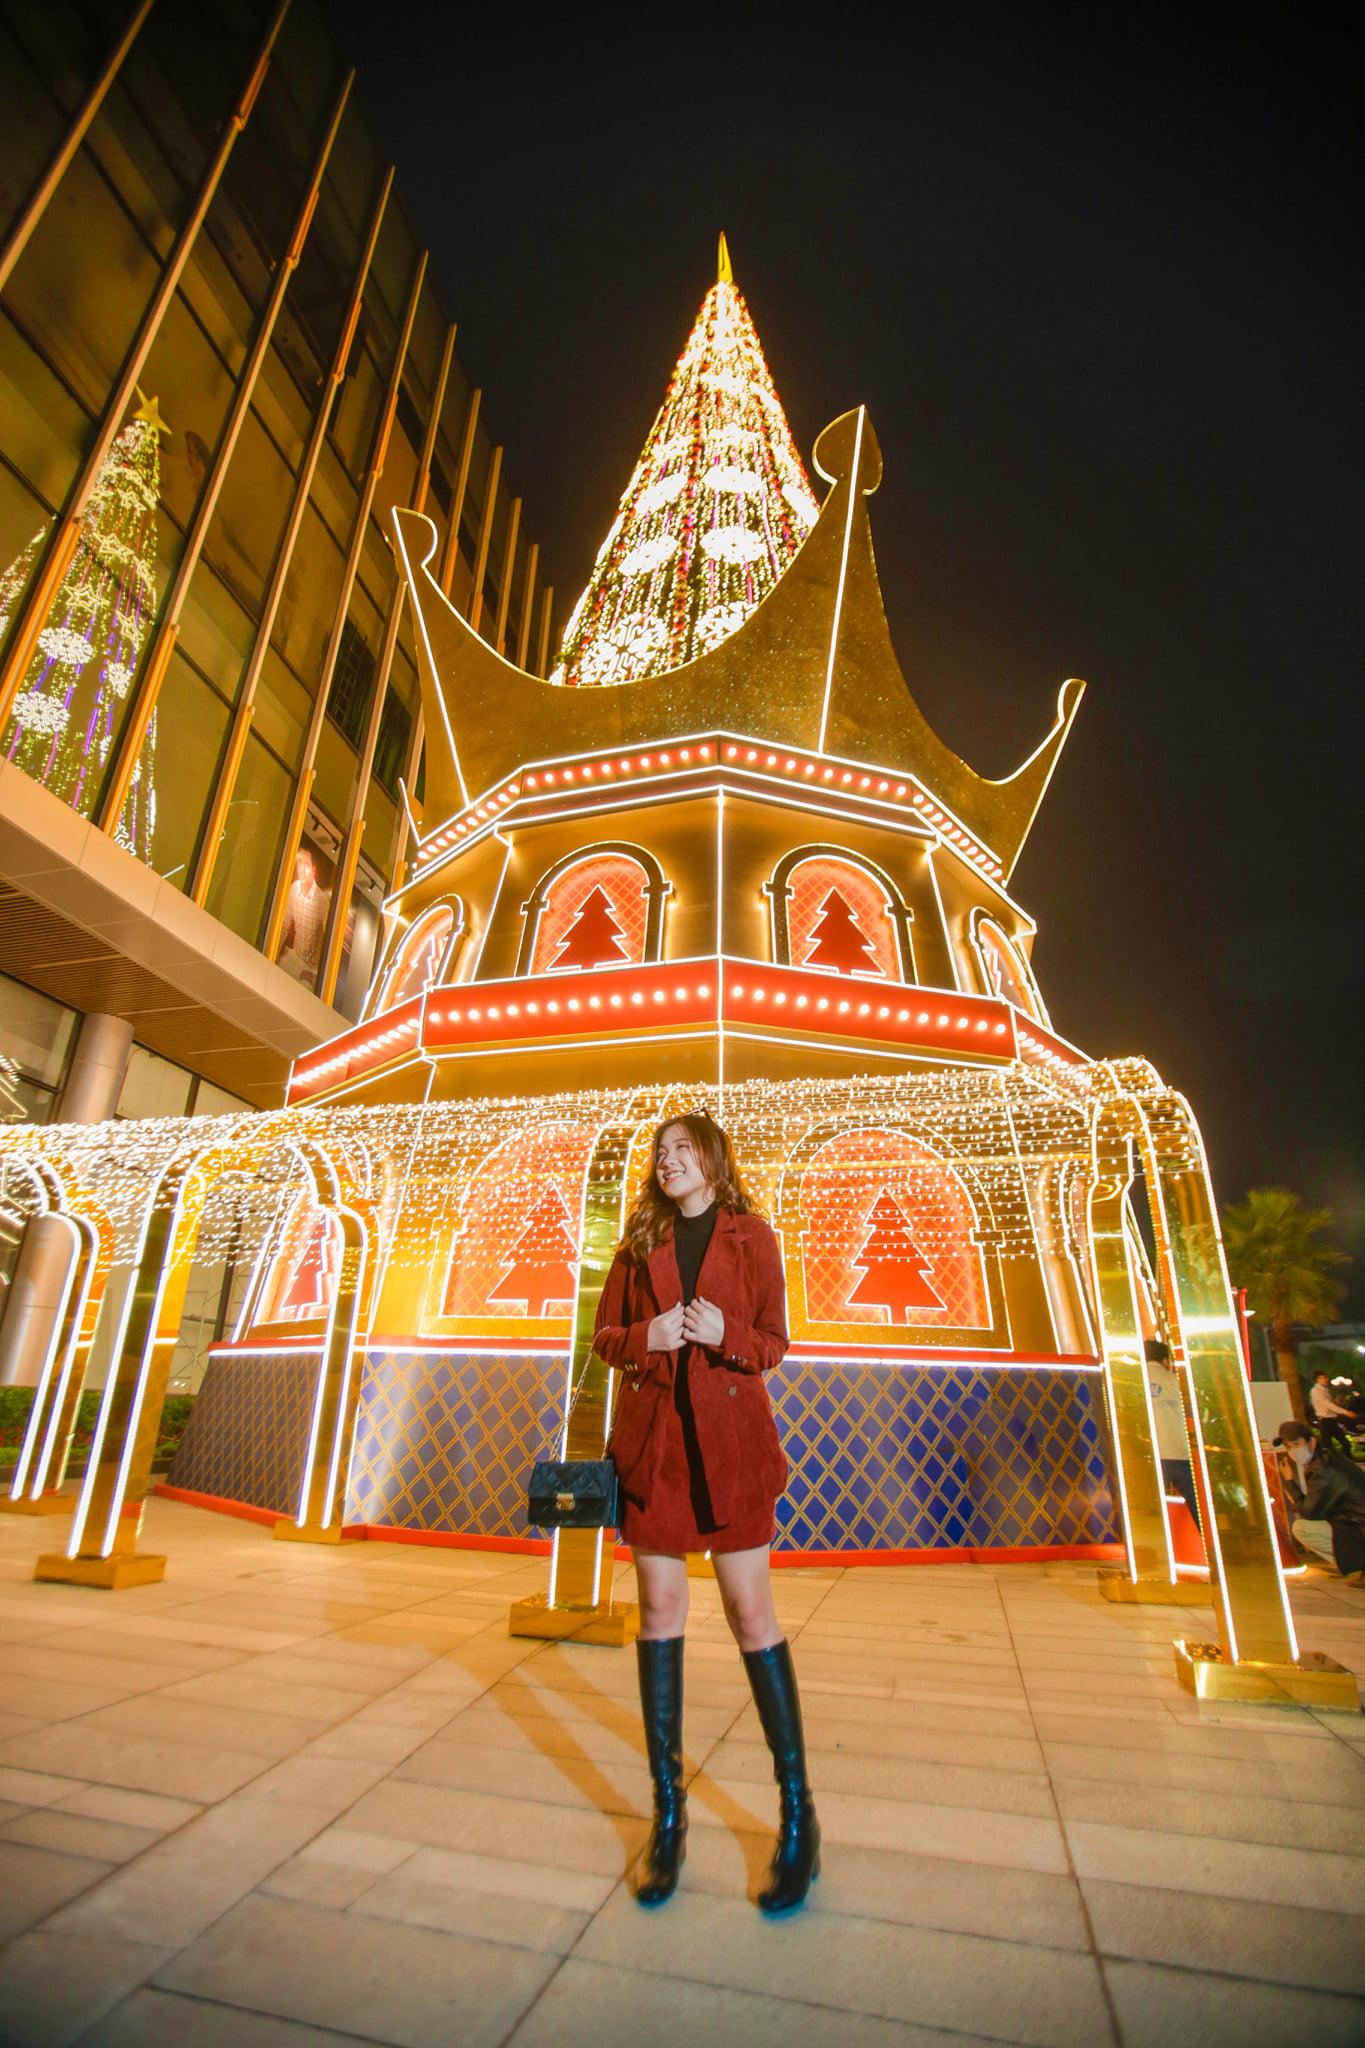 Bật mí các địa điểm đi chơi Noel ít người biết đến quanh Hà Nội  - Ảnh 12.